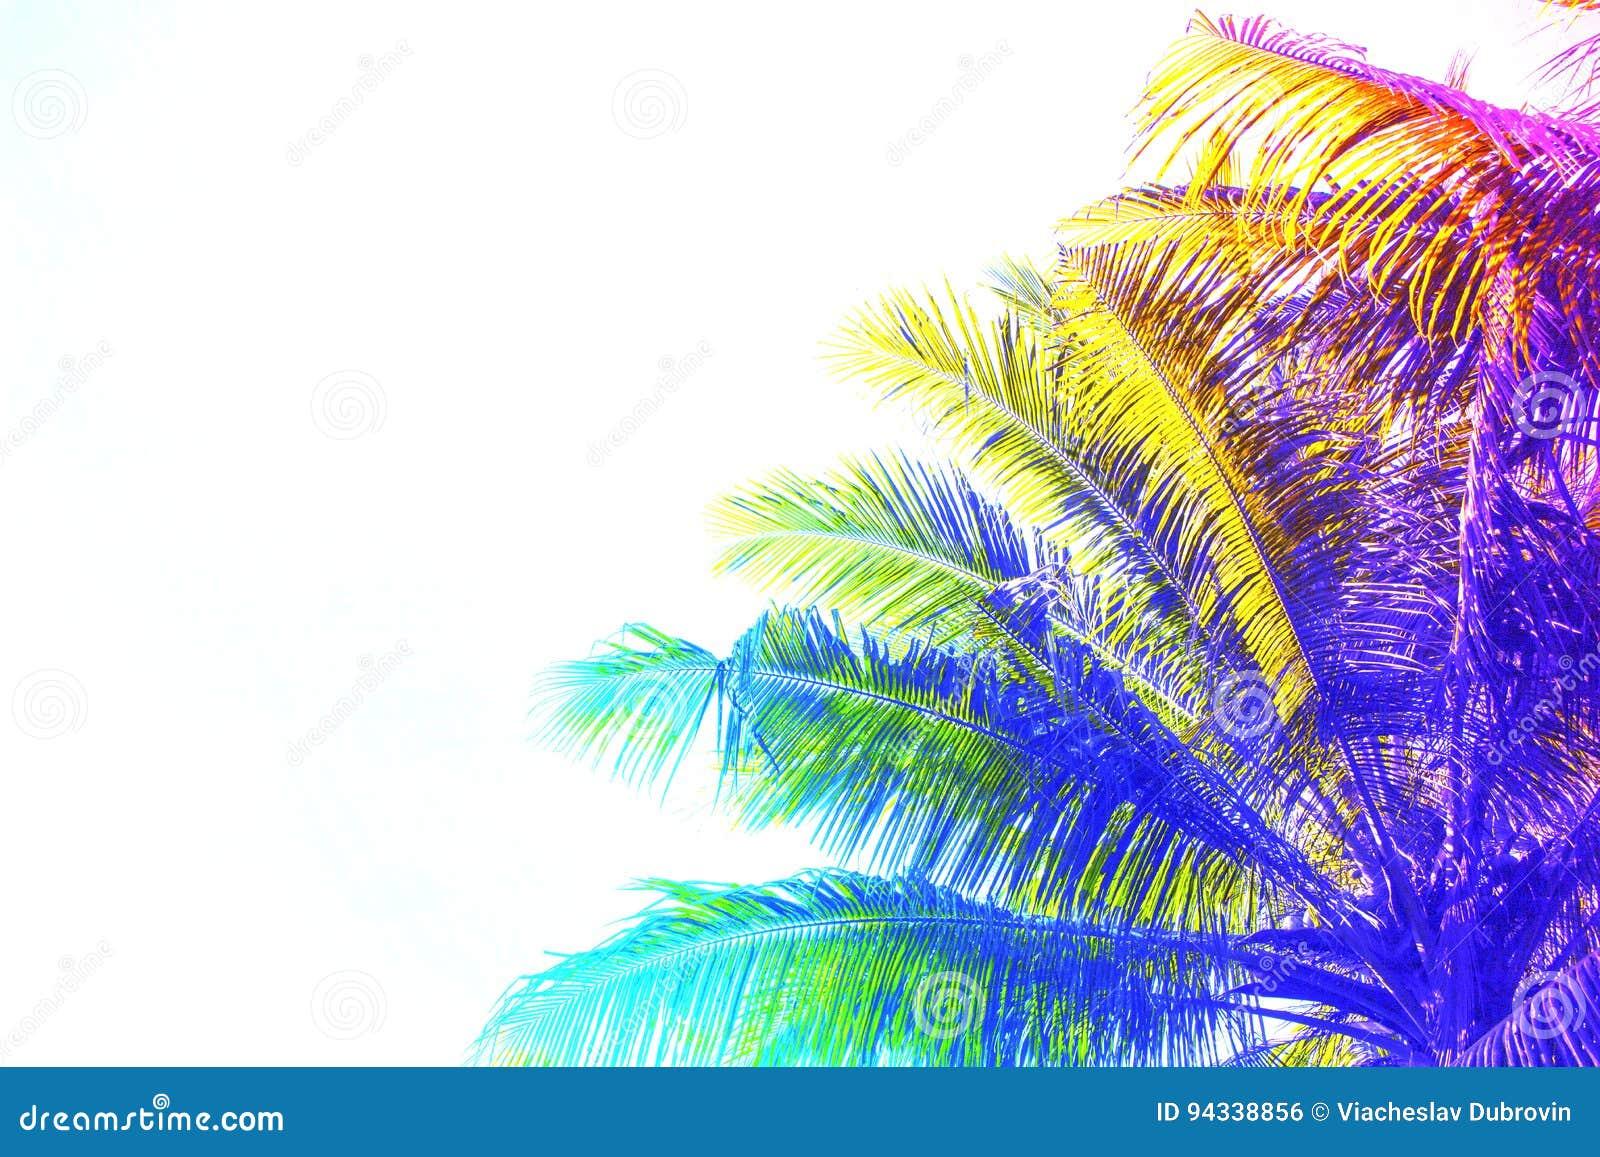 Regenboog gekleurde palmkroon op hemelachtergrond Fantastische gestemde foto met cocopalm op wit